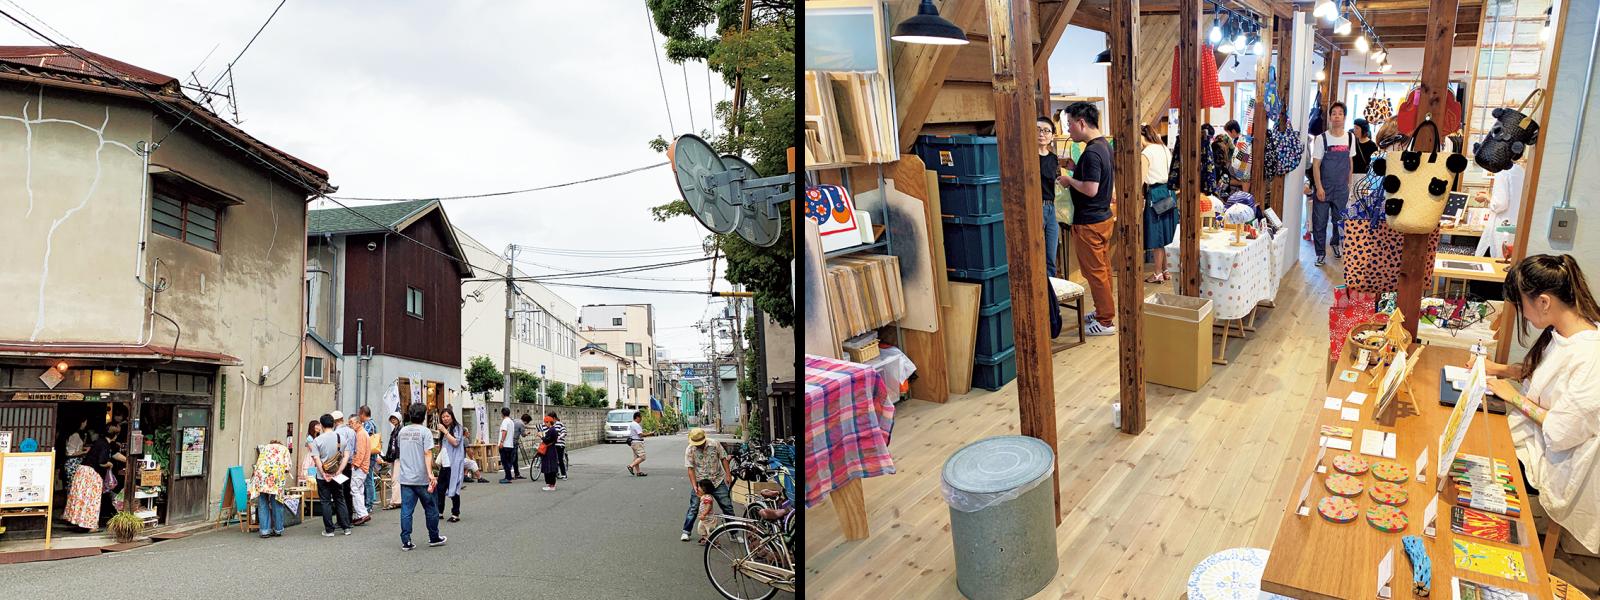 週末は『ヨリドコ大正メイキン』のショップと、『人魚棟』のセルフカフェ・古書店オープン日(人魚棟は土曜のみ)。遠方から訪れる人も大勢いる。